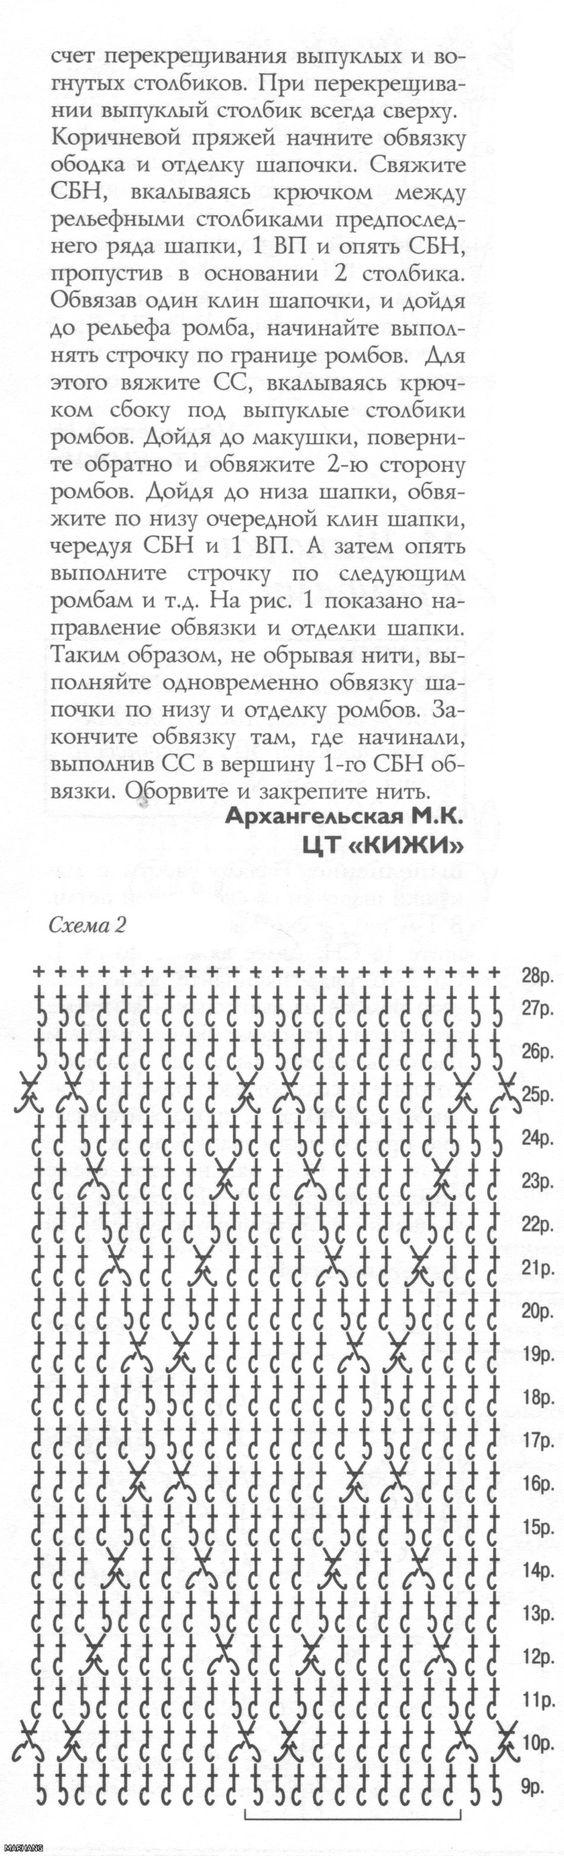 1fc45601bc8c.jpg (948×3120)